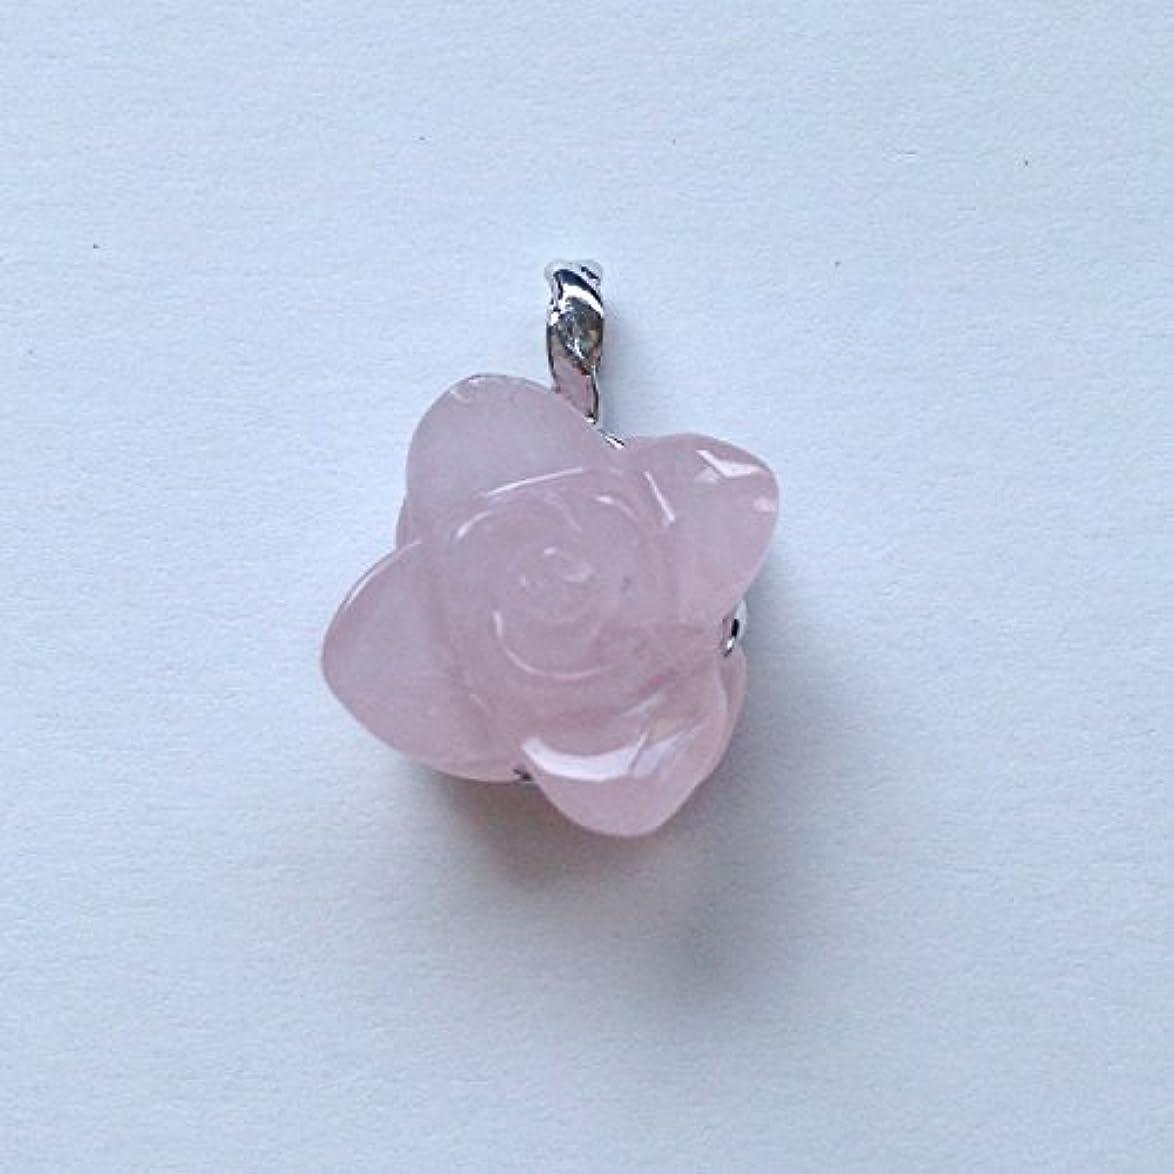 ストロー味方優勢香る宝石SVローズクォーツペンダント通常¥26,800の所 (Ag925)